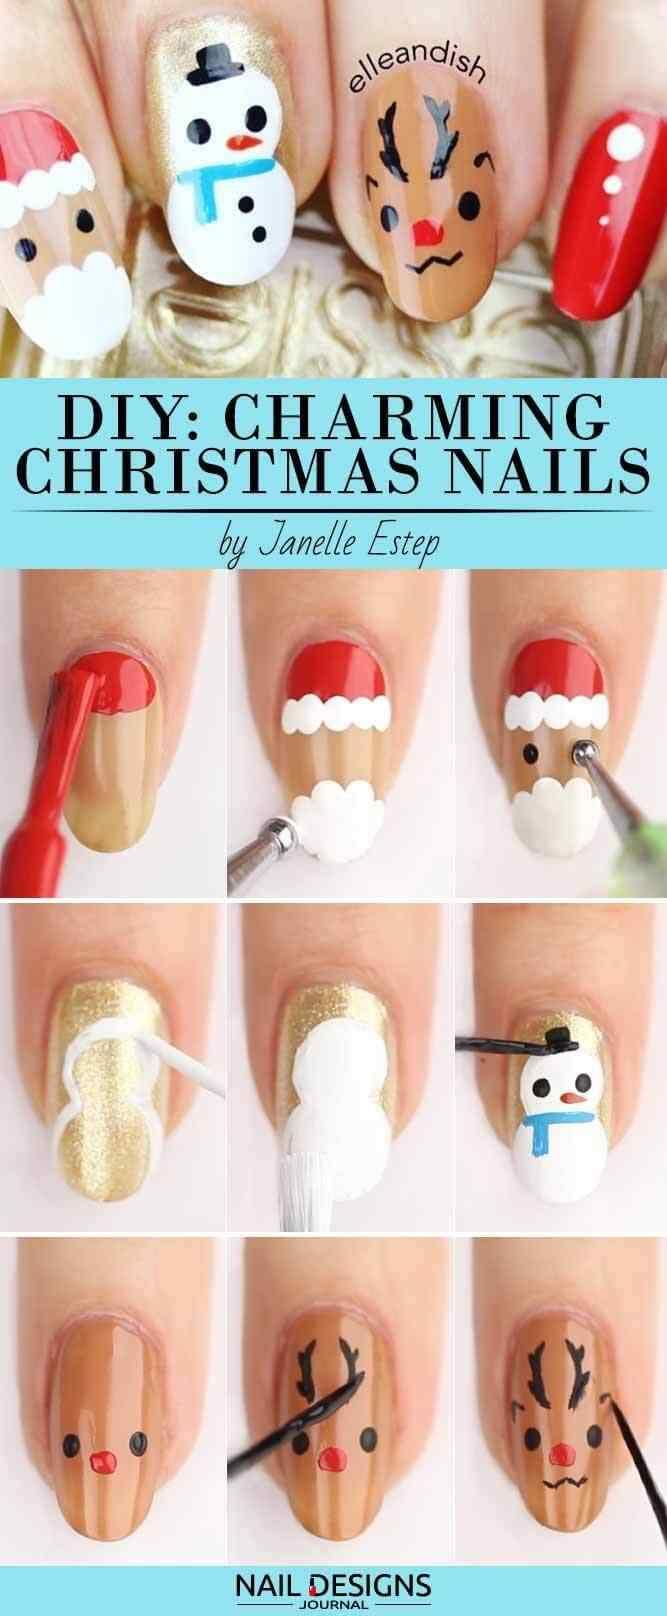 tutorial paso a paso uñas navideñas